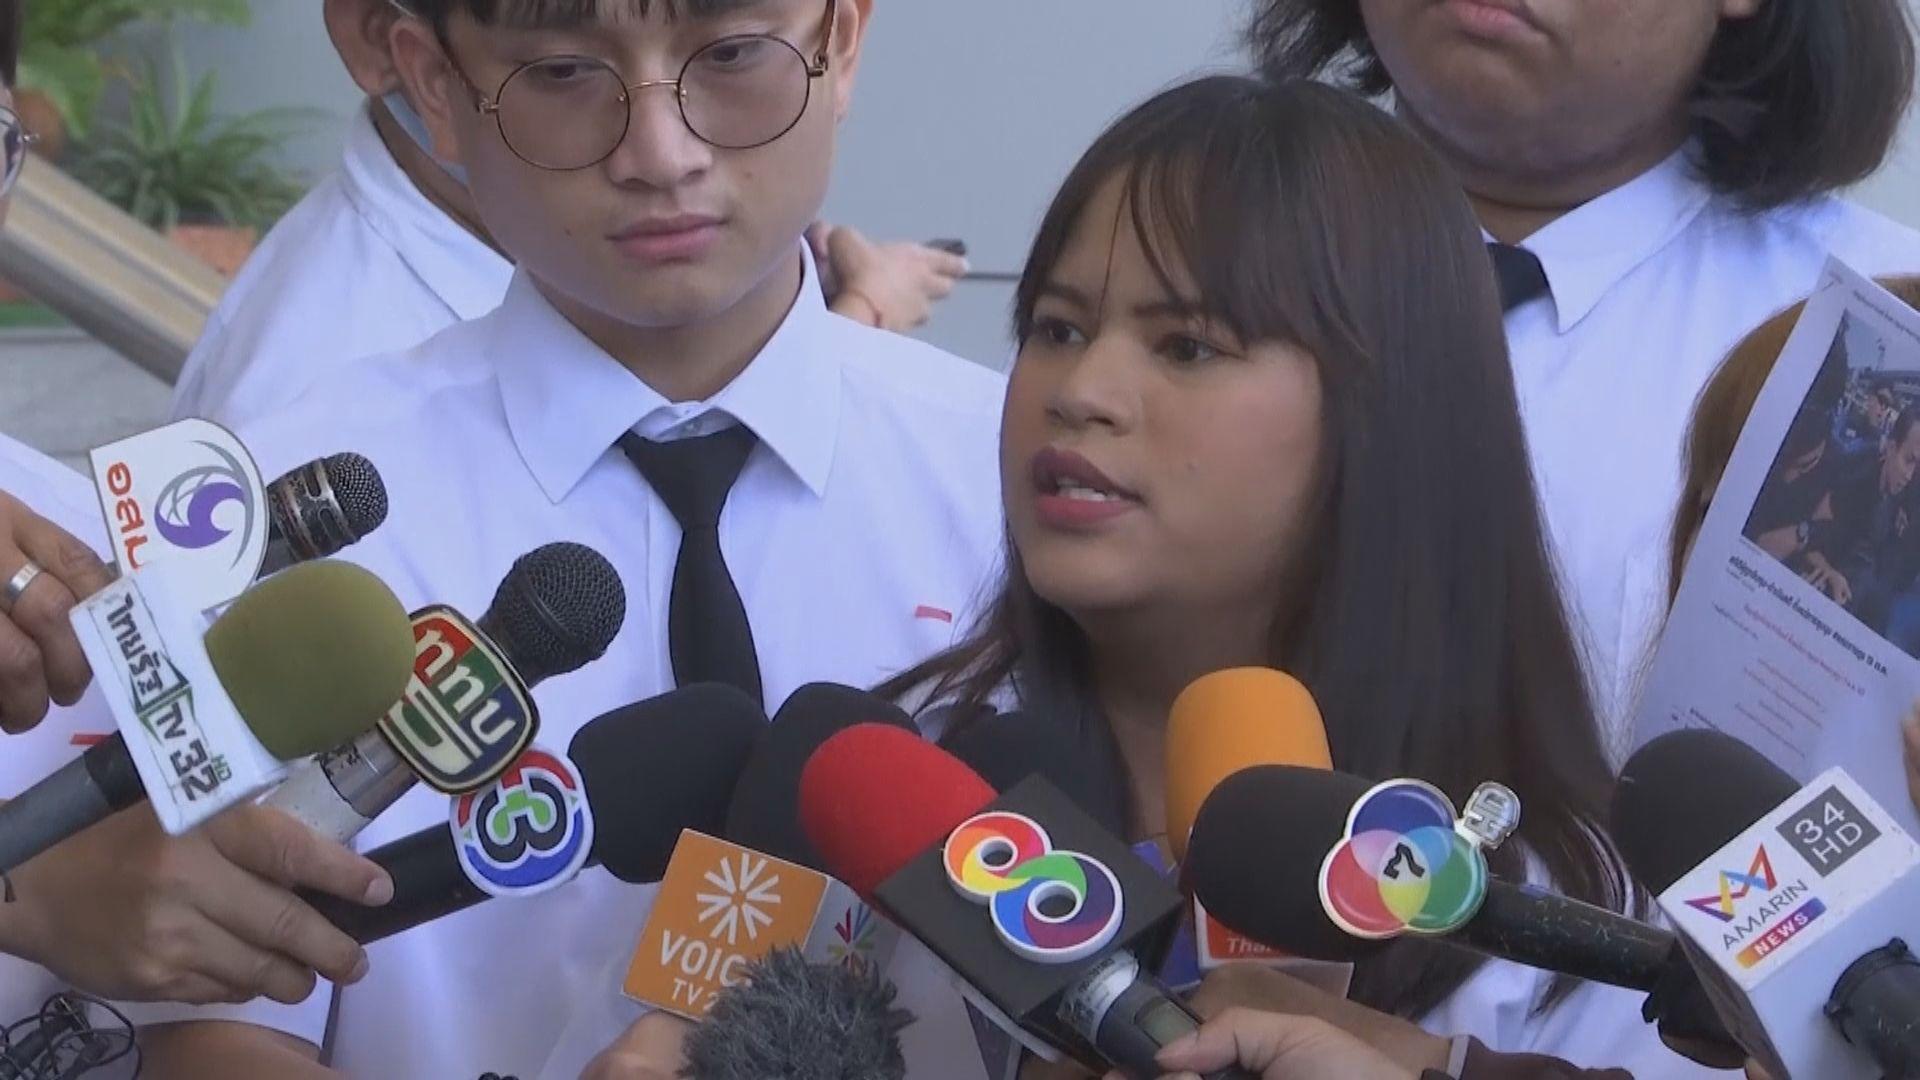 泰國解除緊急狀態令 學生批未回應訴求